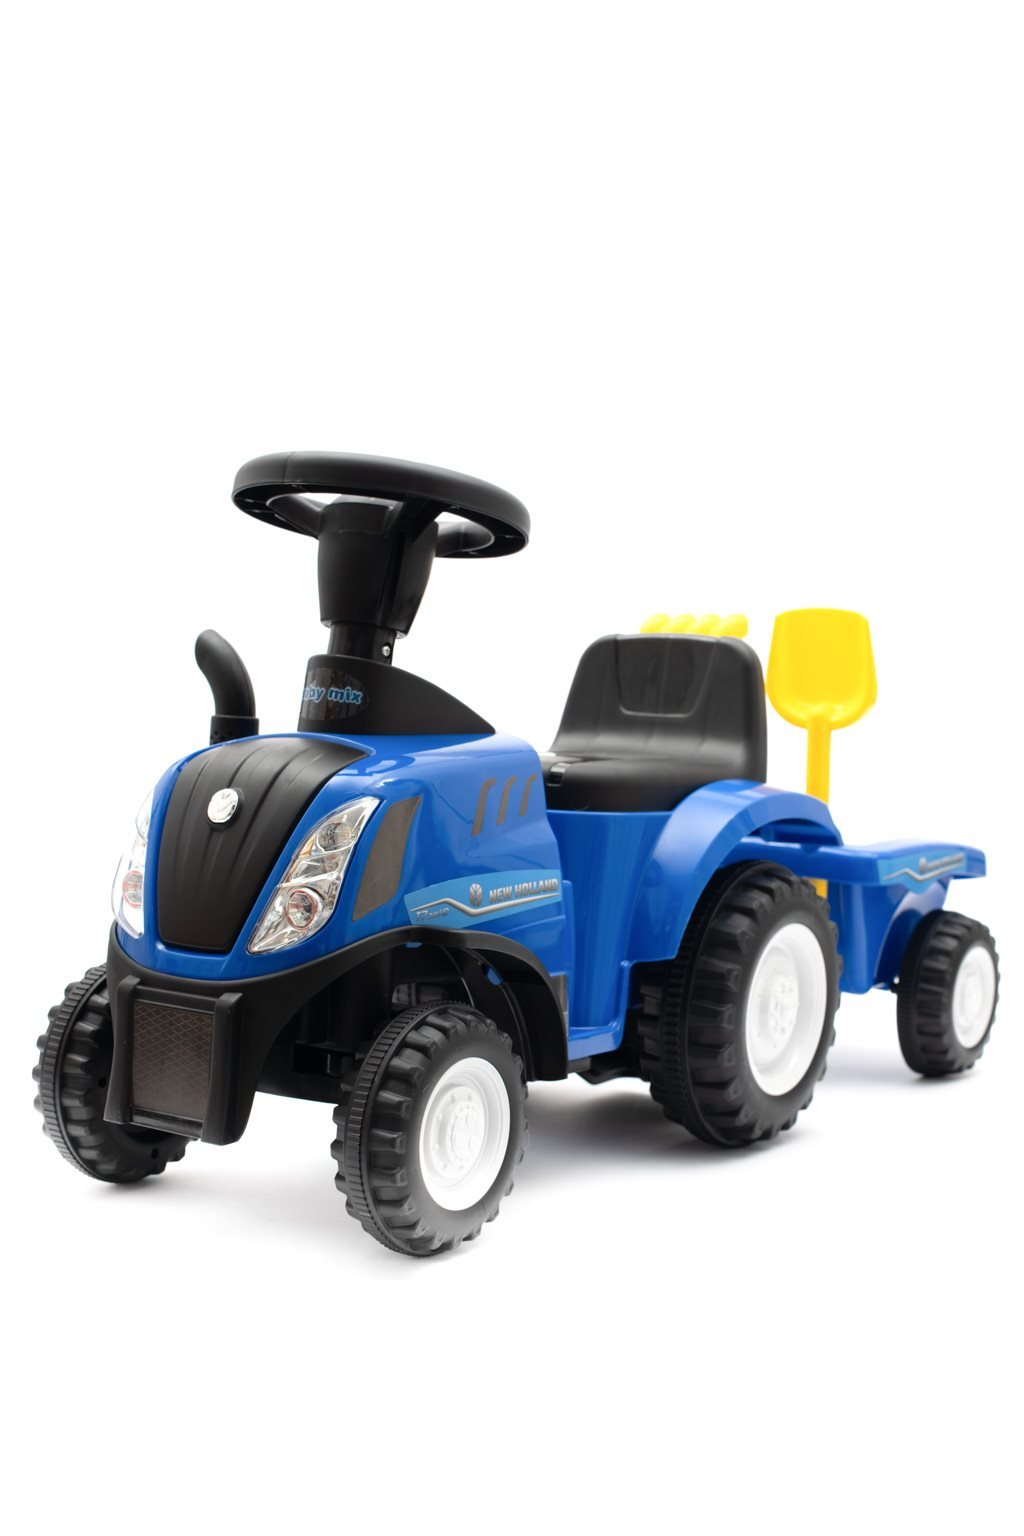 Detské odrážadlo traktor s vlečkou a náradim Baby Mix New Holland modrý